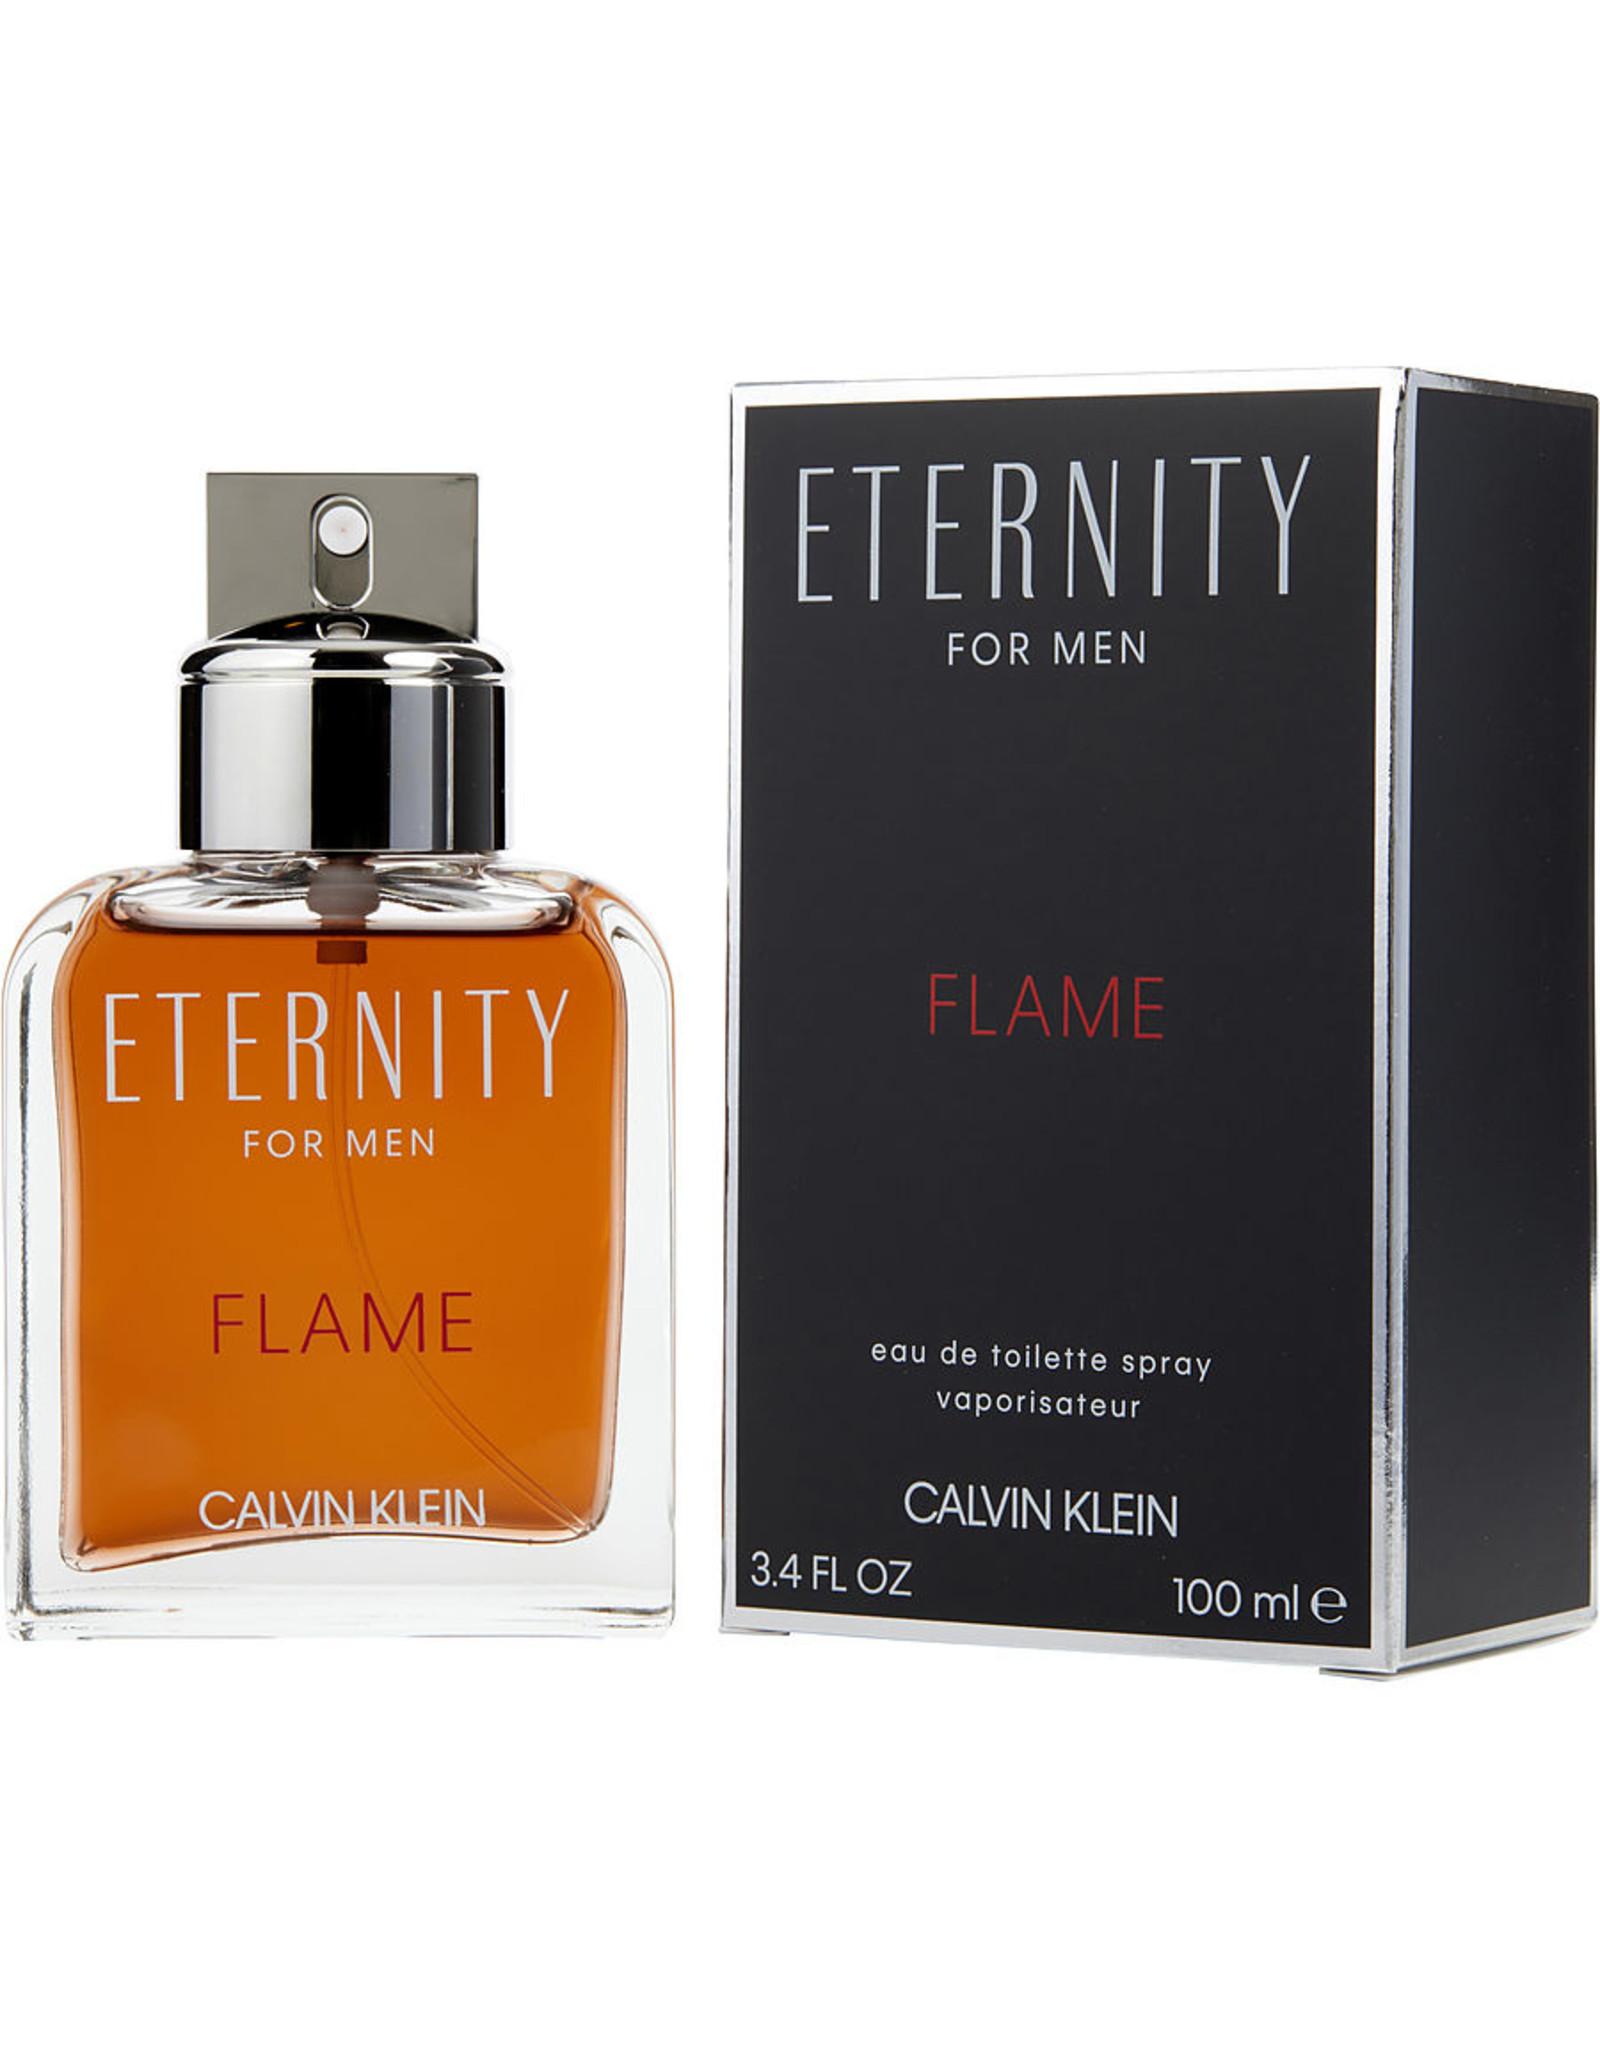 CALVIN KLEIN CALVIN KLEIN ETERNITY FLAME